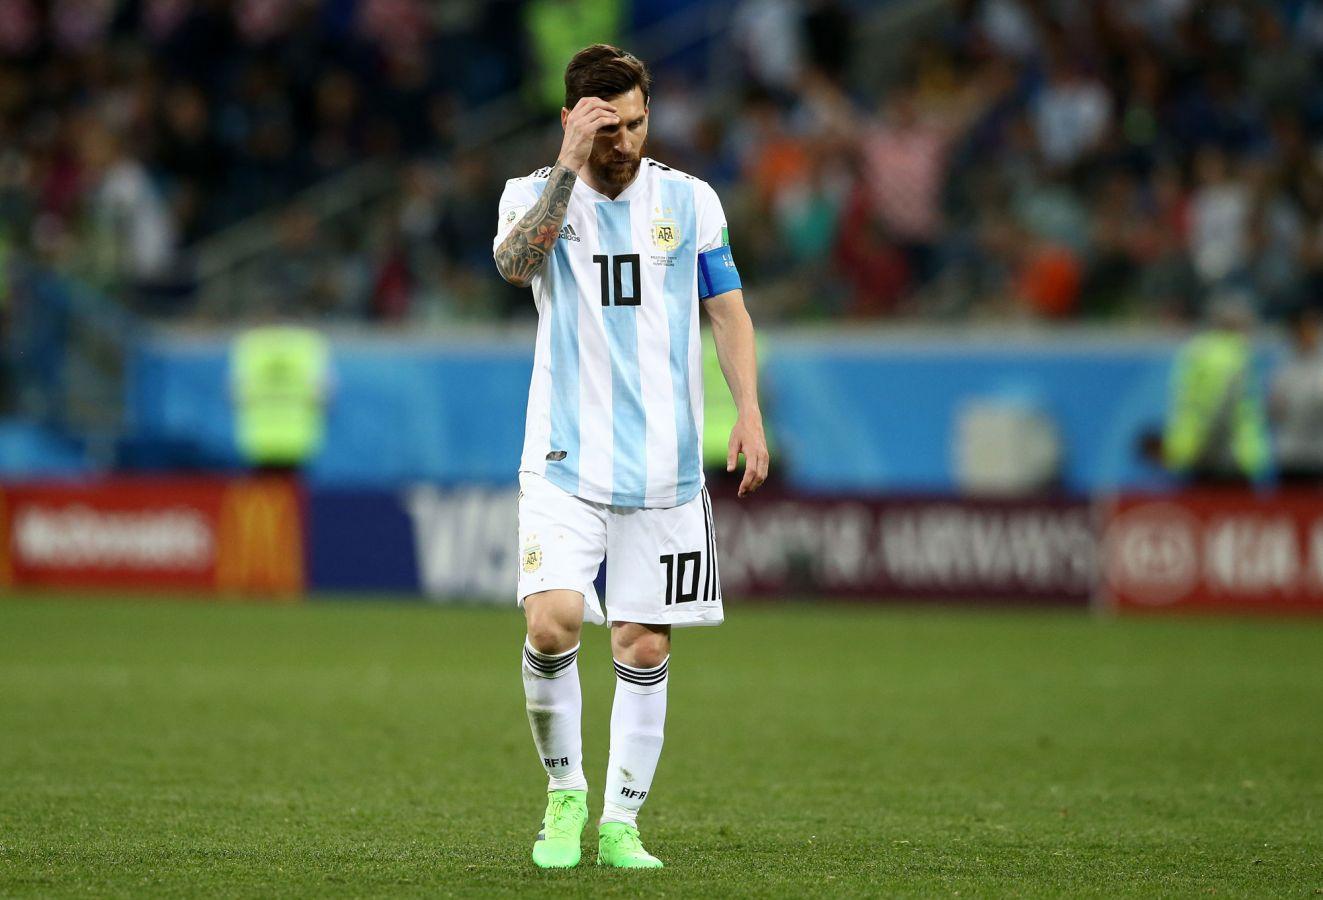 Enteráte qué le pasa a Lio Messi